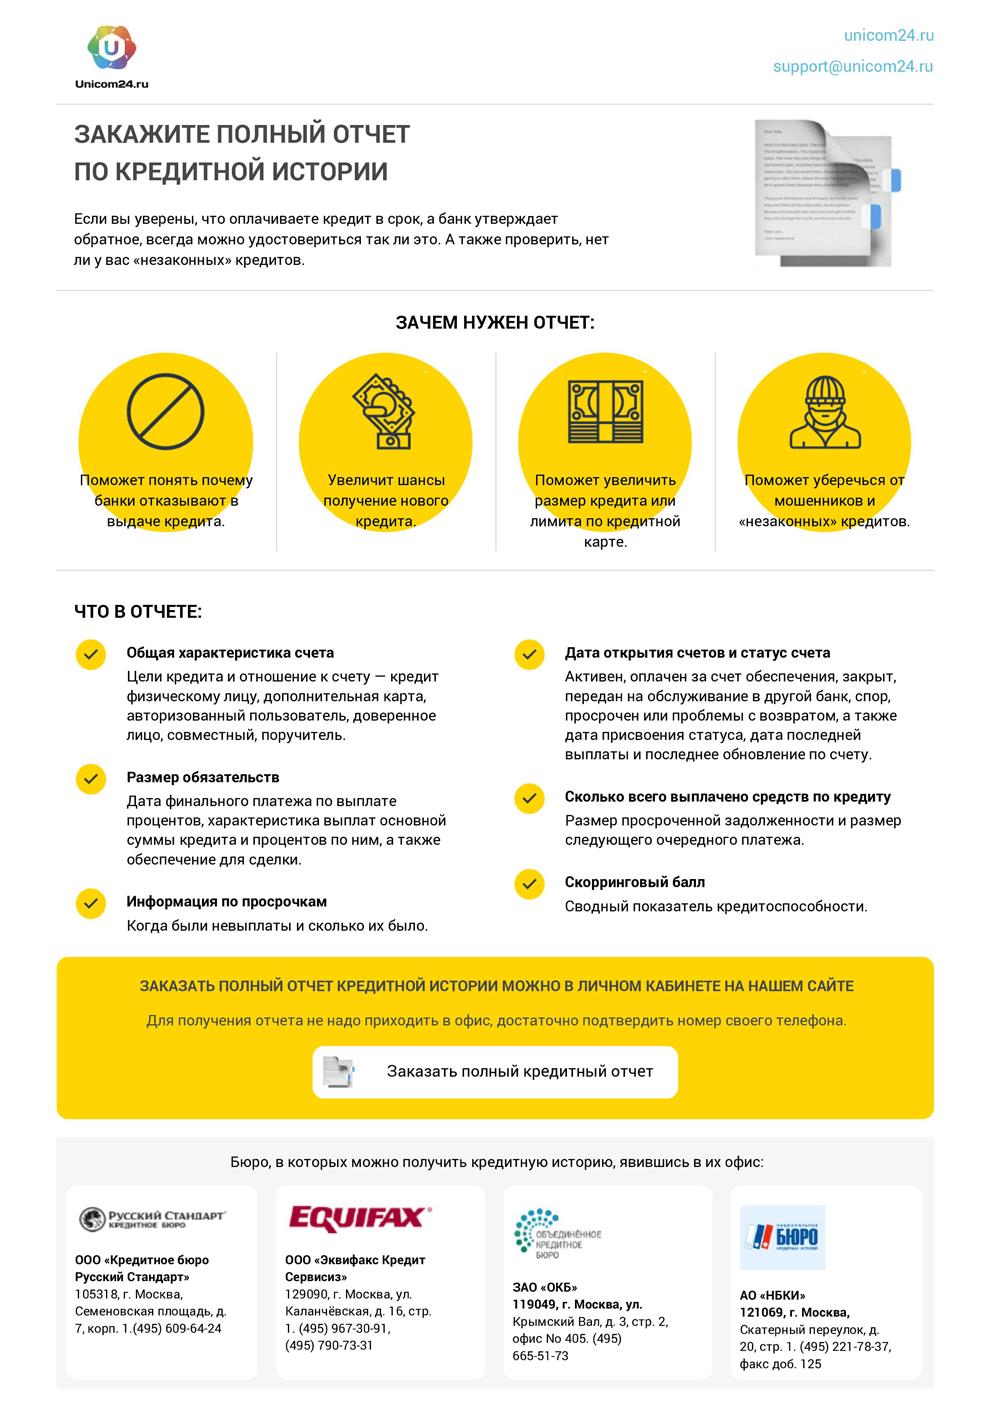 Как узнать кредитную историю по телефону